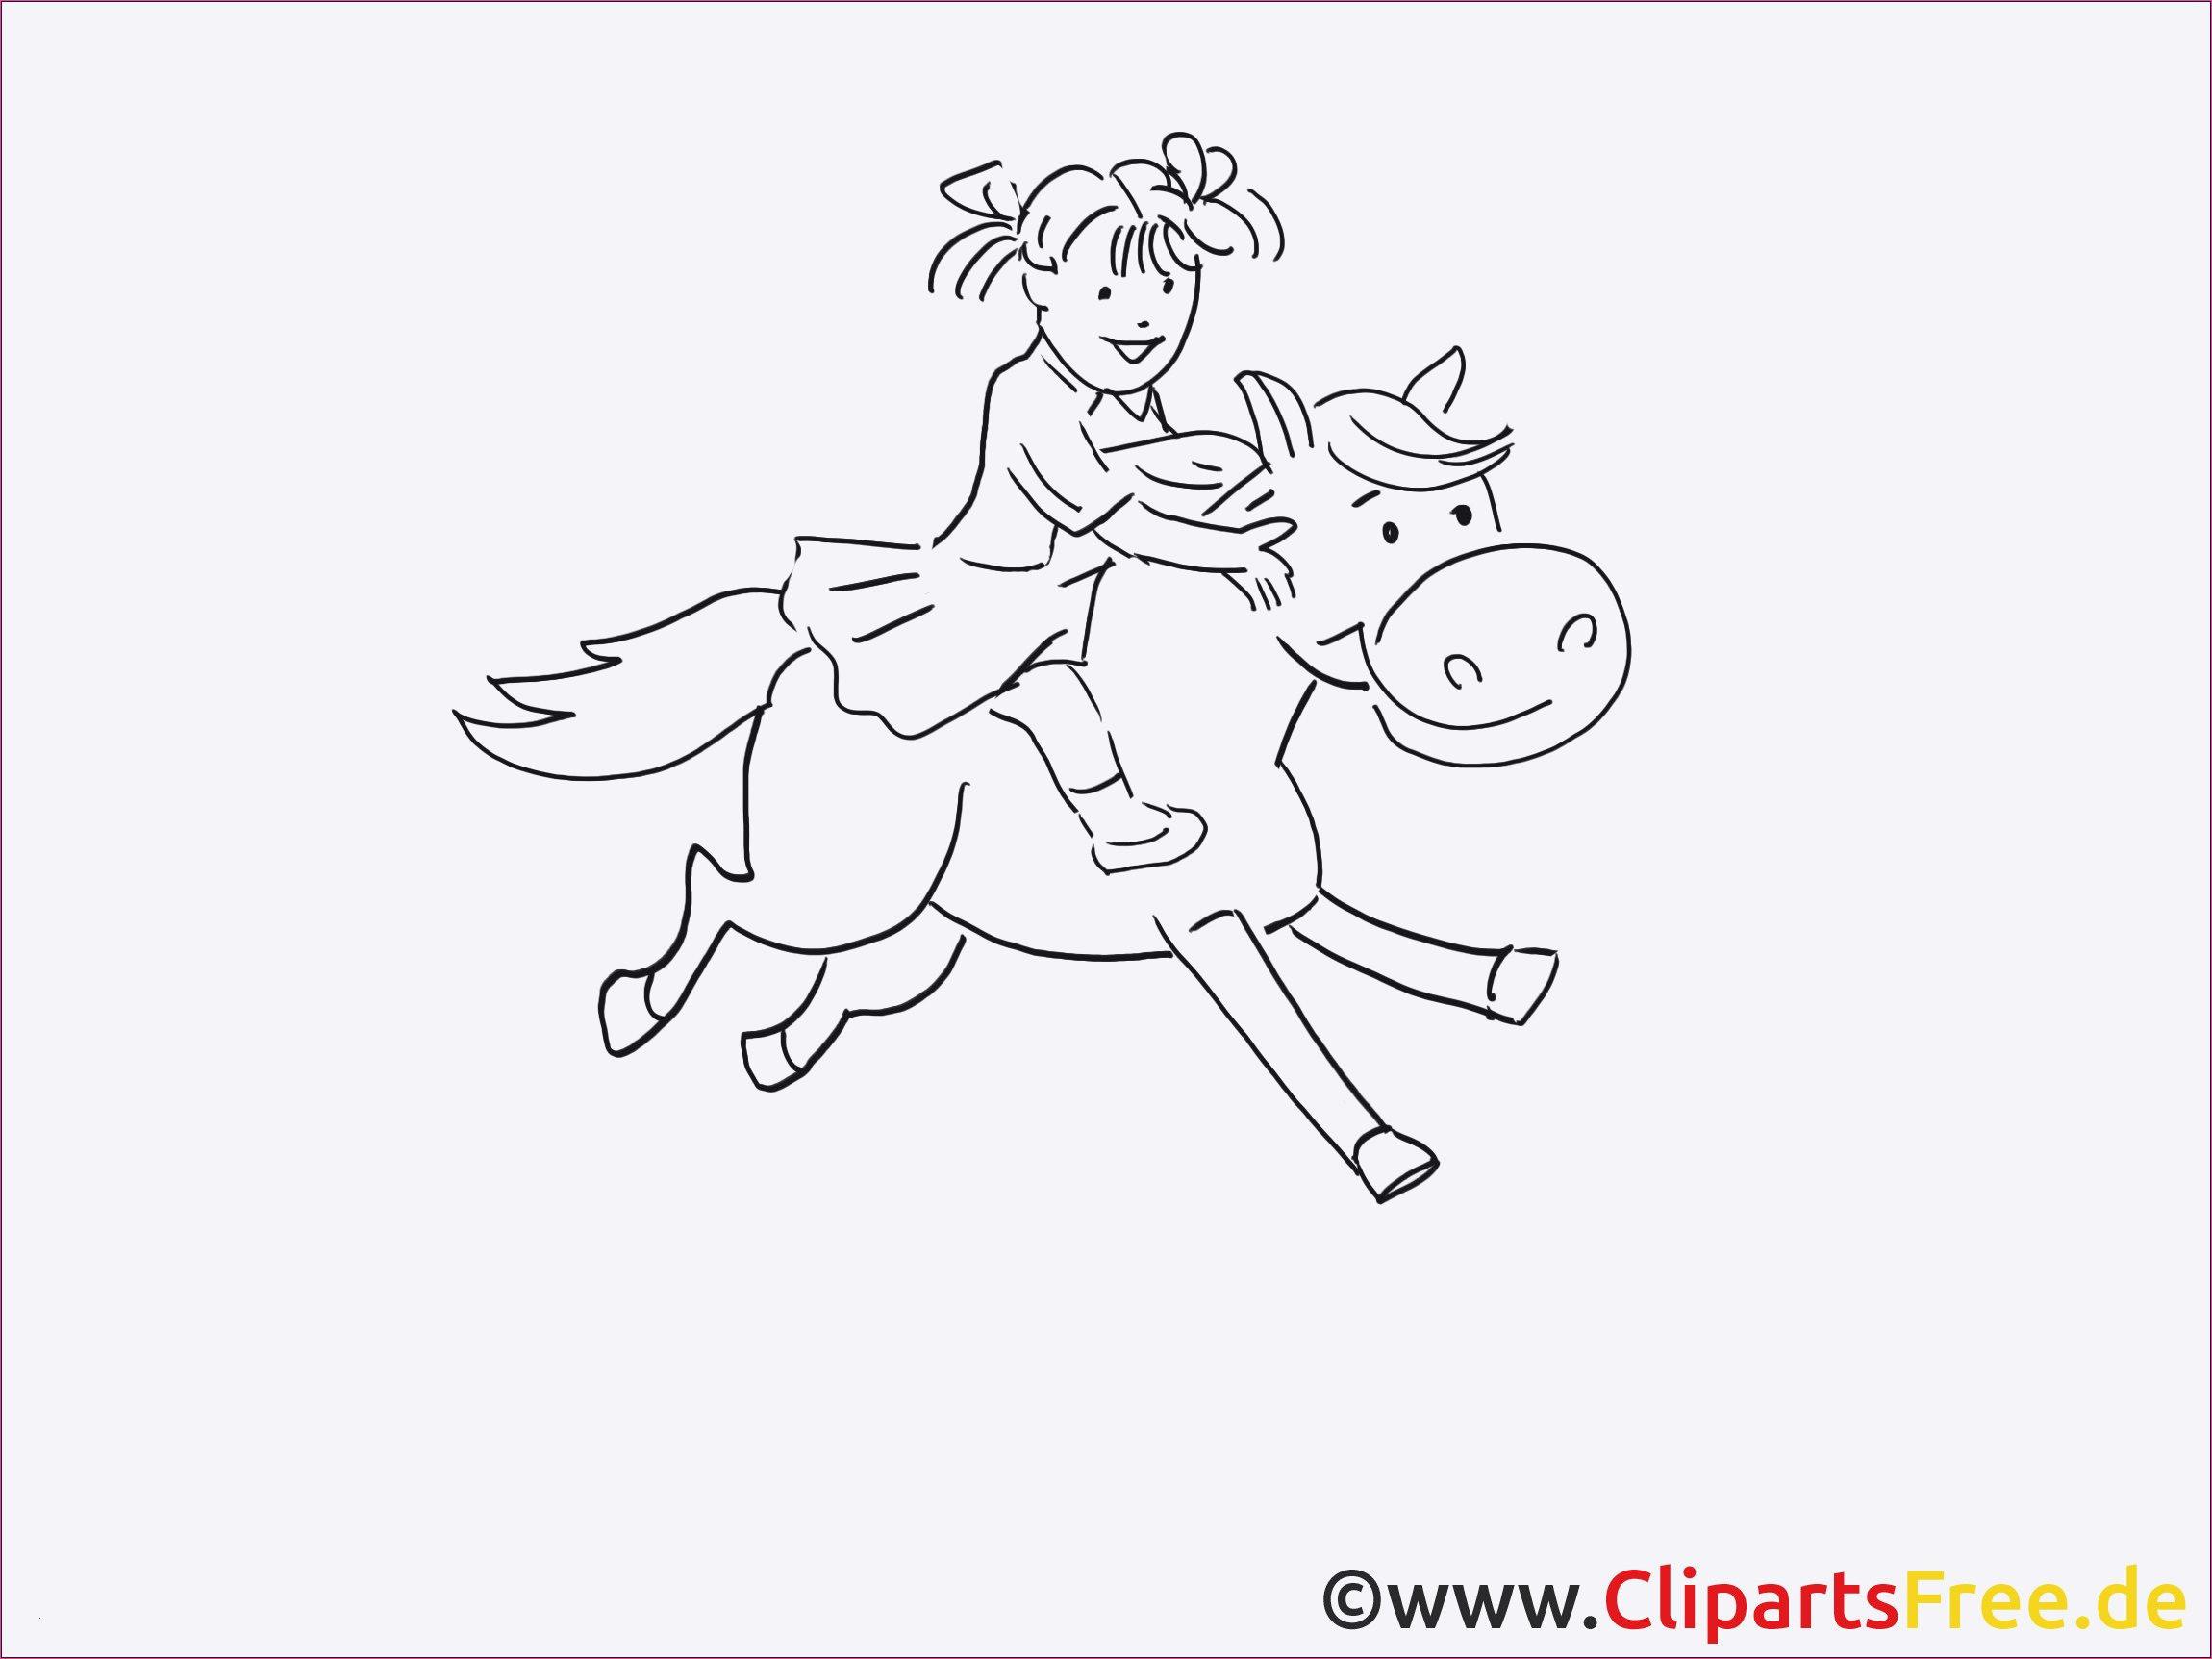 Ausmalbilder Bibi Und Tina 4 Genial Ausmalbilder Pferde Mit Madchen Luxus Ausmalbilder Bibi Und Tina 3 Das Bild